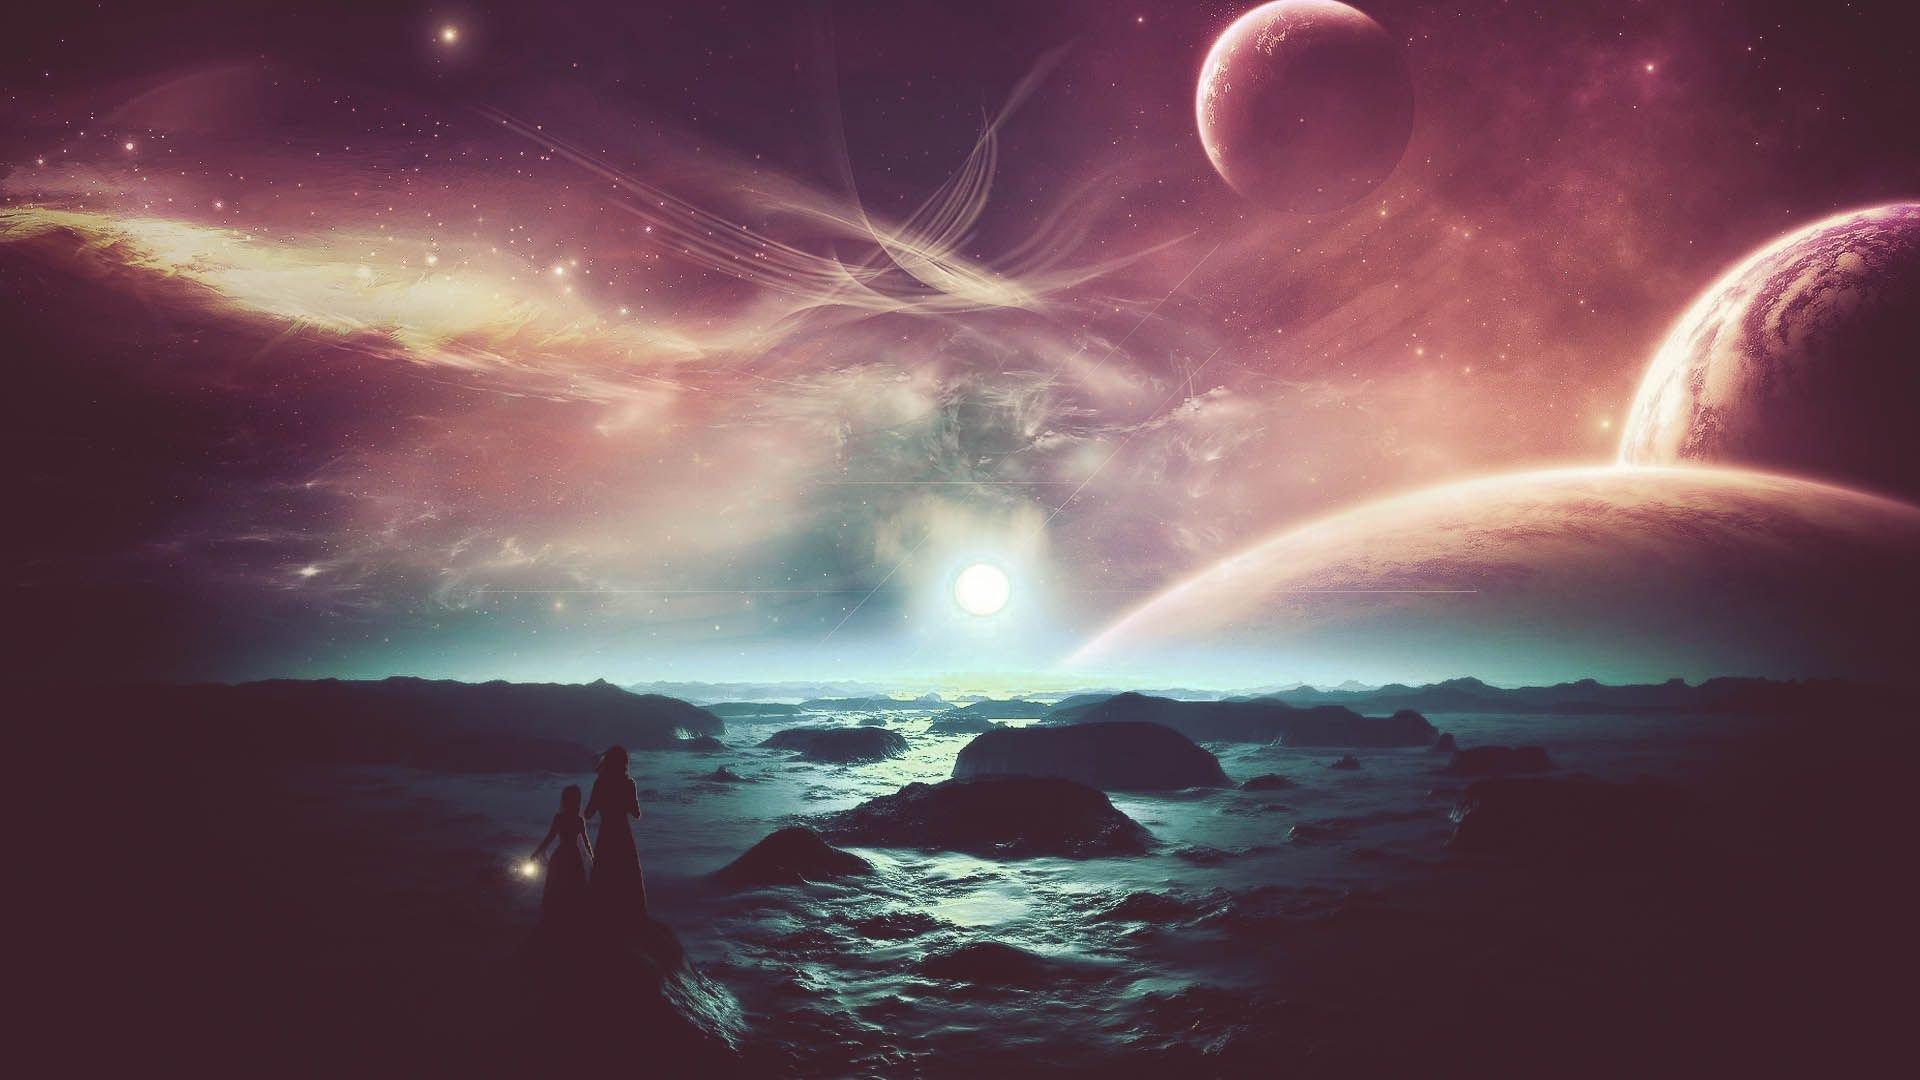 Alien Planet Sky